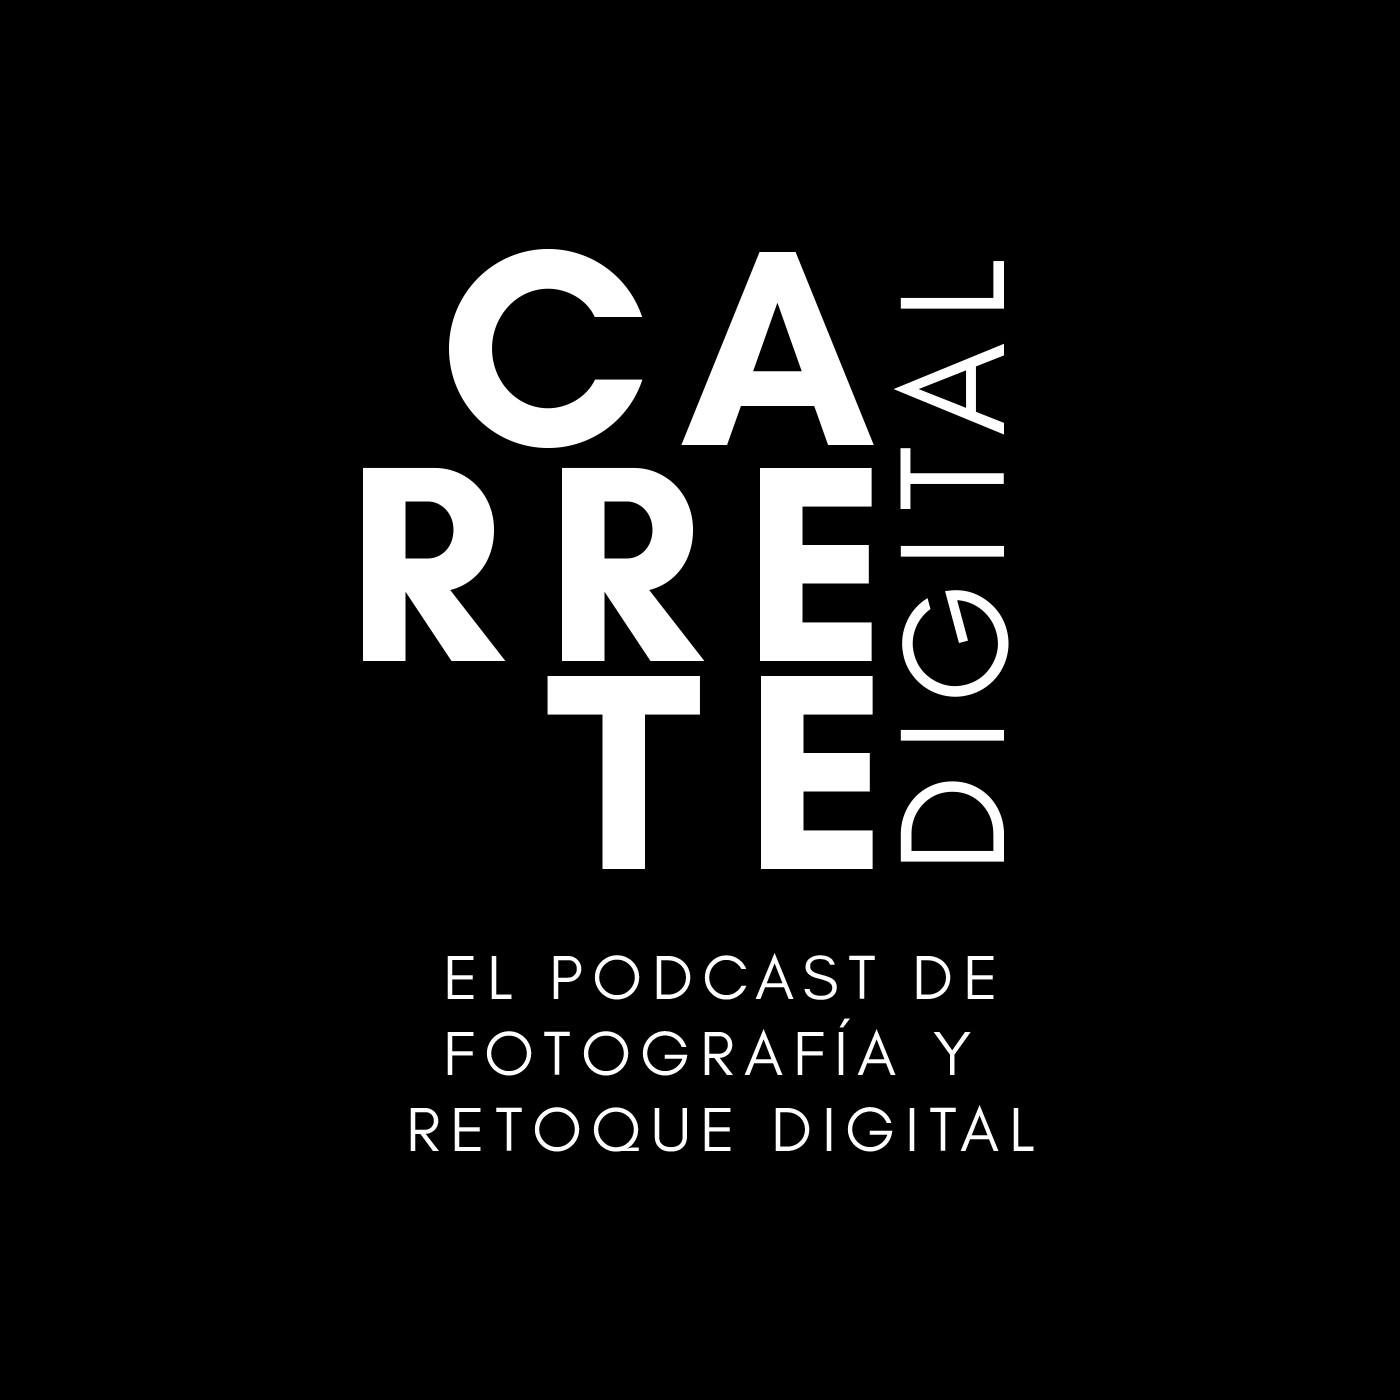 ¿De quién son mis fotos? Derechos y obligaciones de los fotógrafos, con Fran Nieto